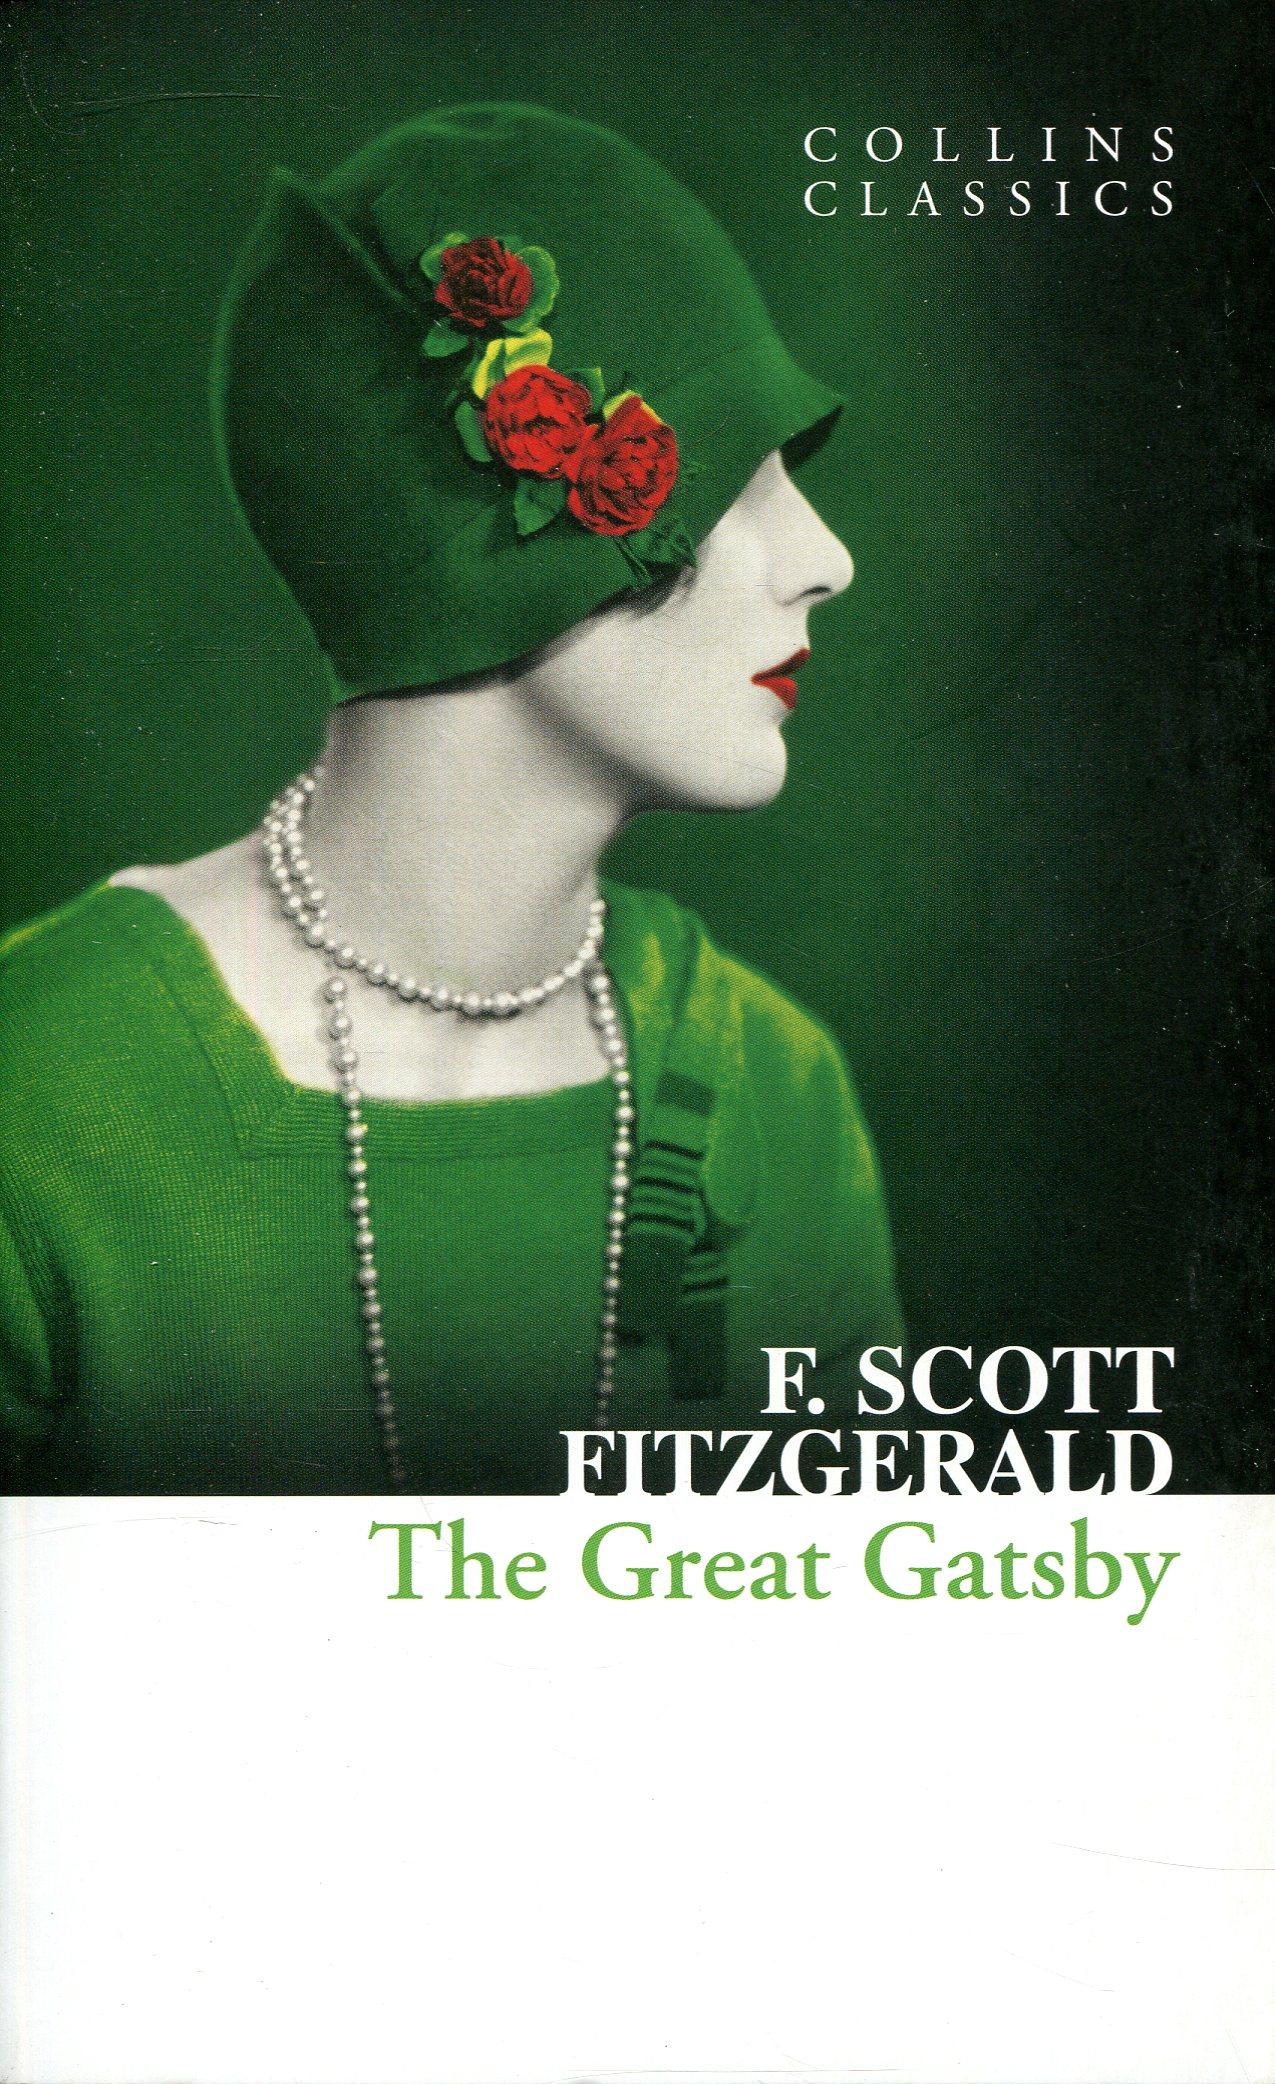 F. Scott Fitzgerald: The Great Gatsby (Collins Classics)